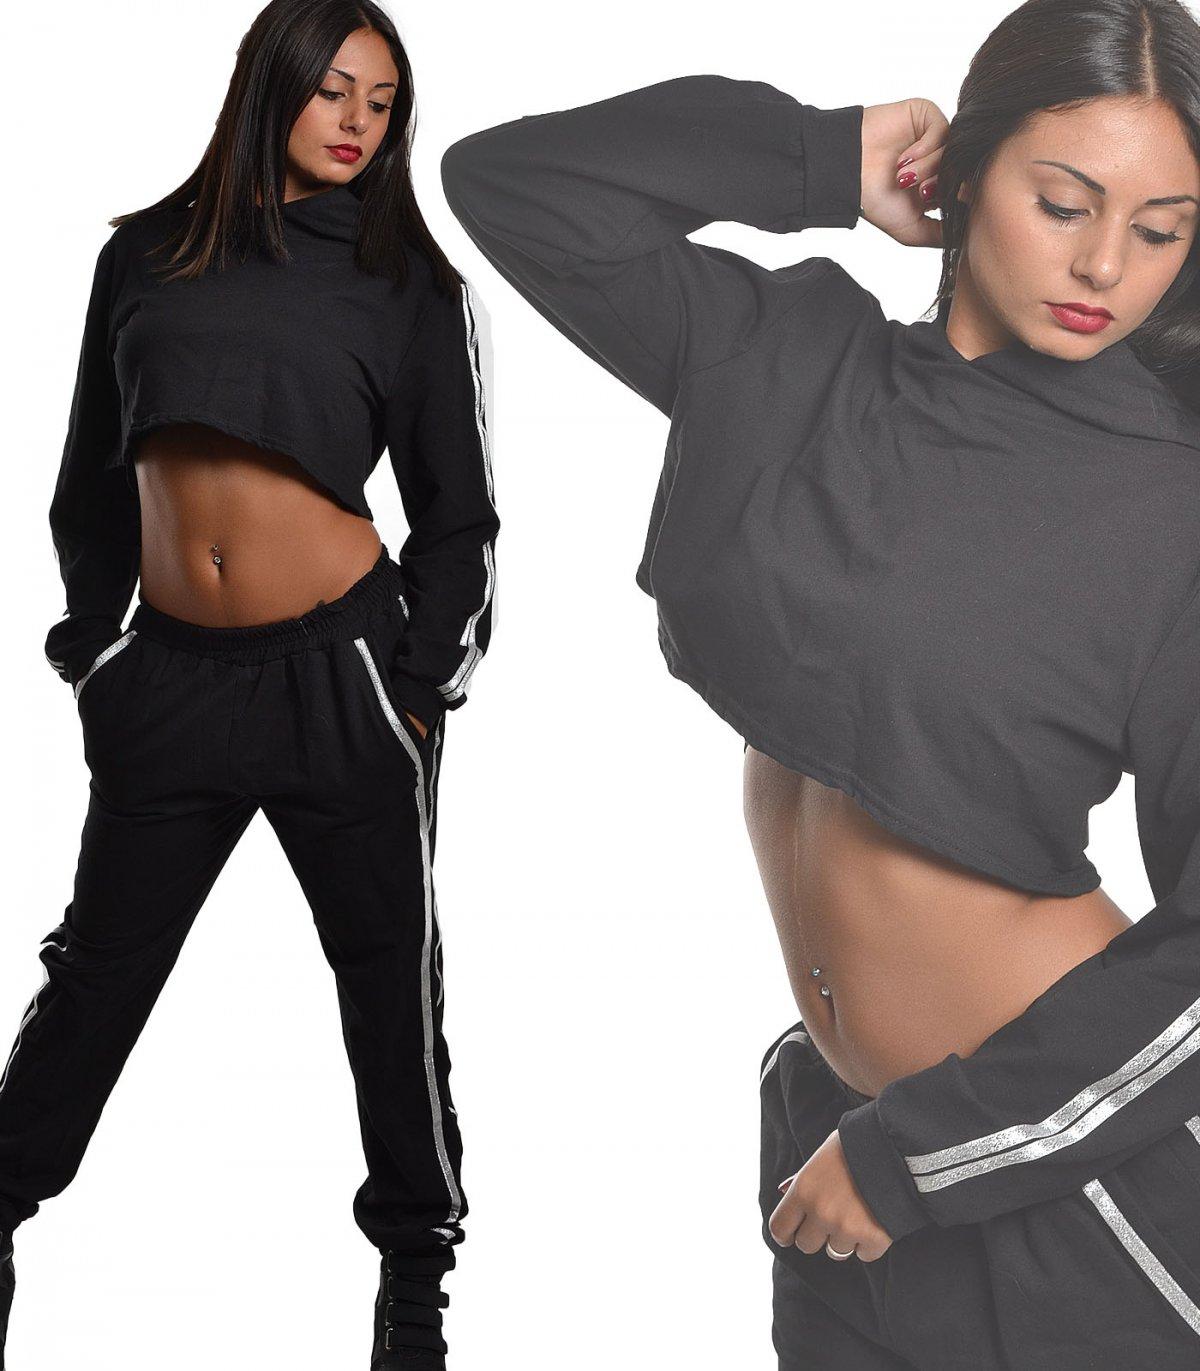 discount f81fd 72fb7 Tuta donna sport danza fitness | My Vida